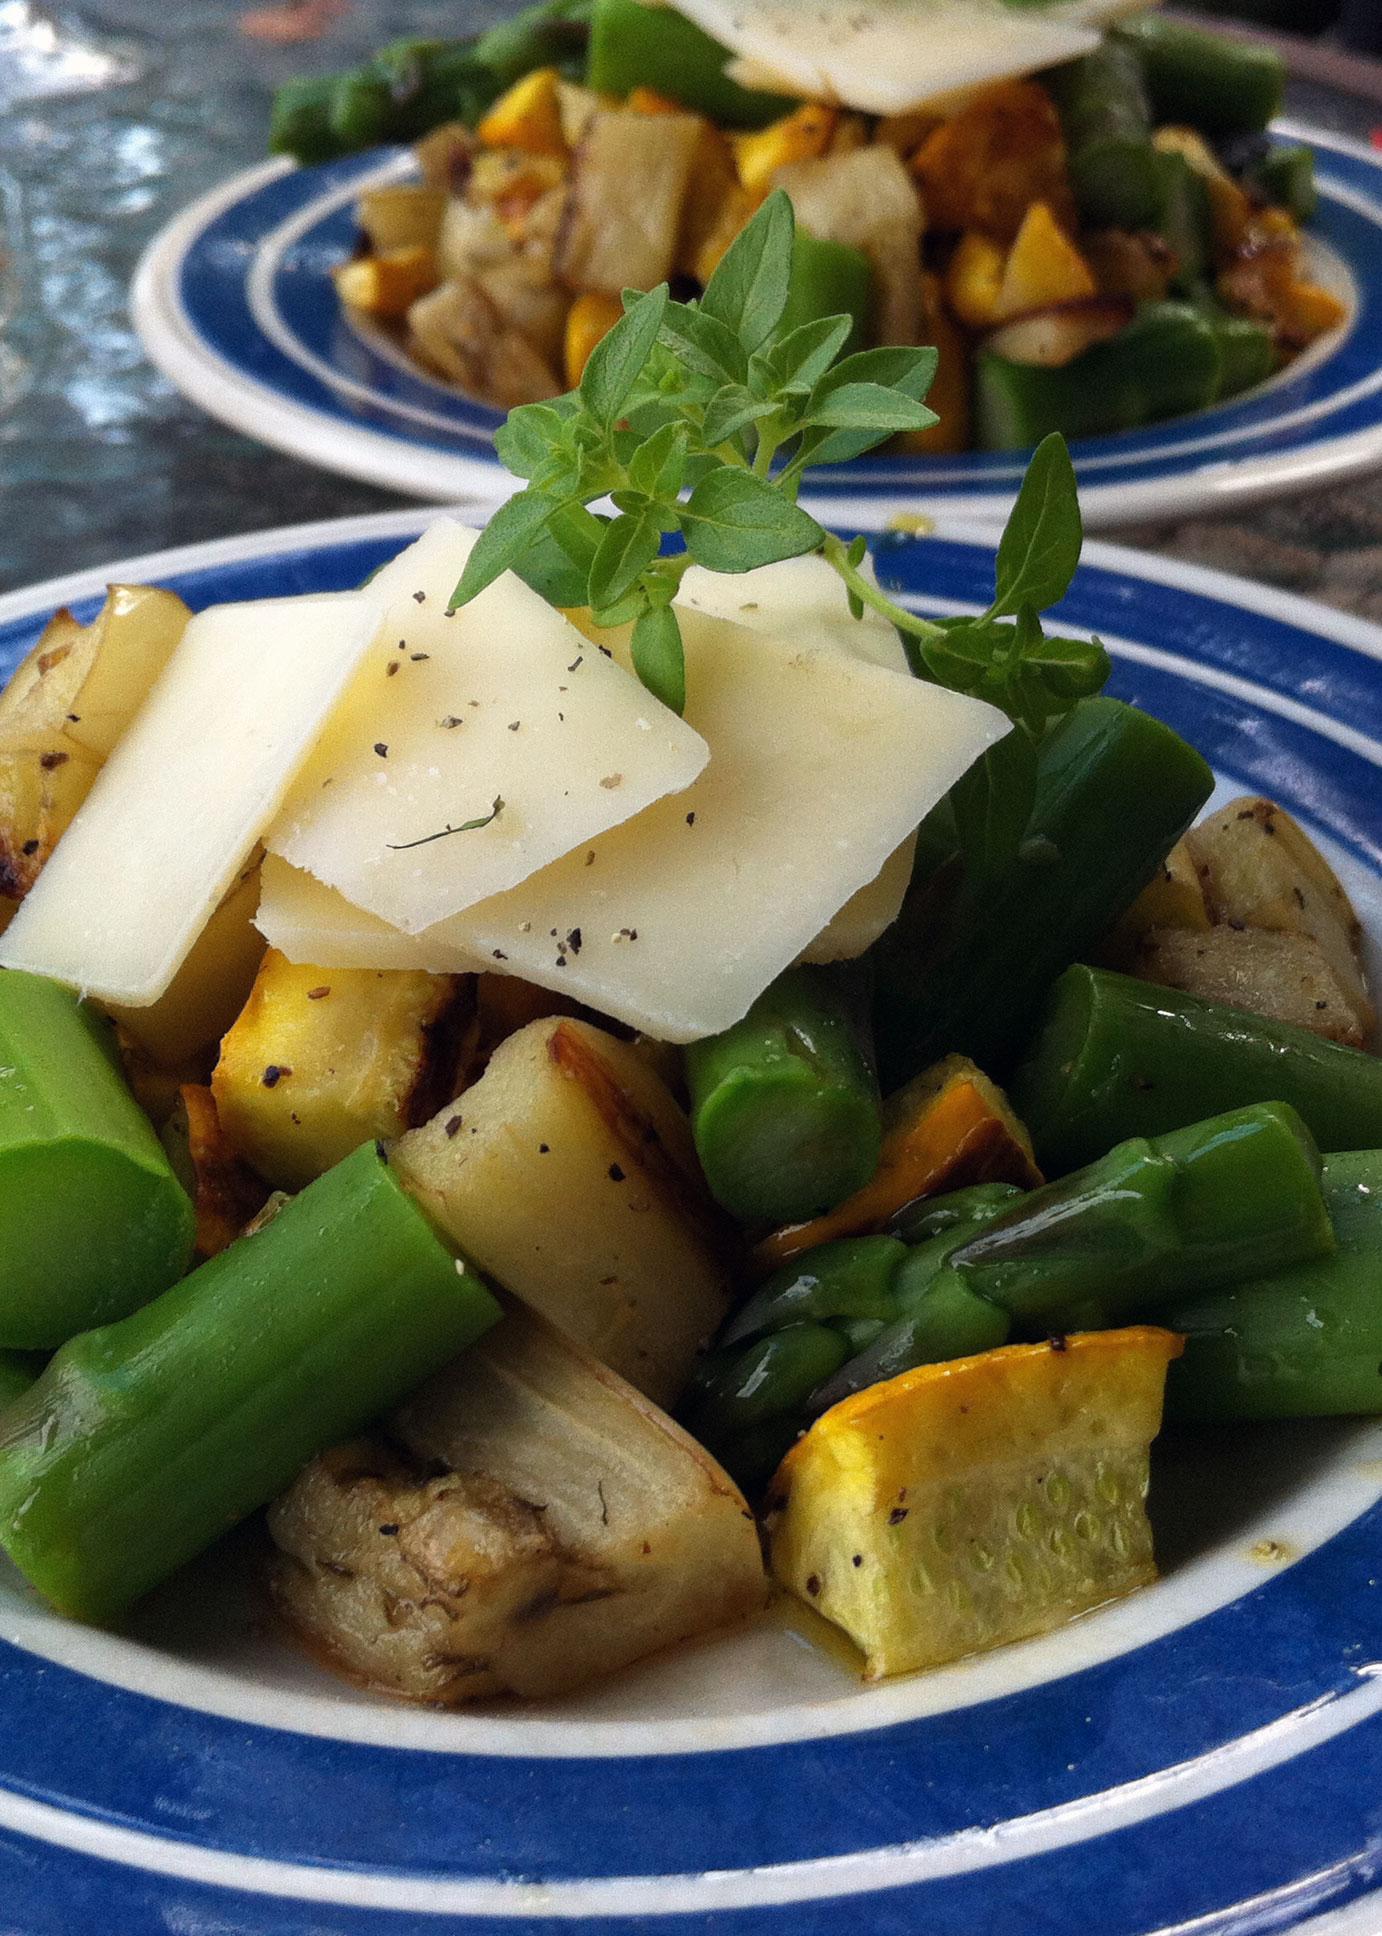 recette de salade d 39 aubergine courgette et asperges grill es selon bob le chef. Black Bedroom Furniture Sets. Home Design Ideas